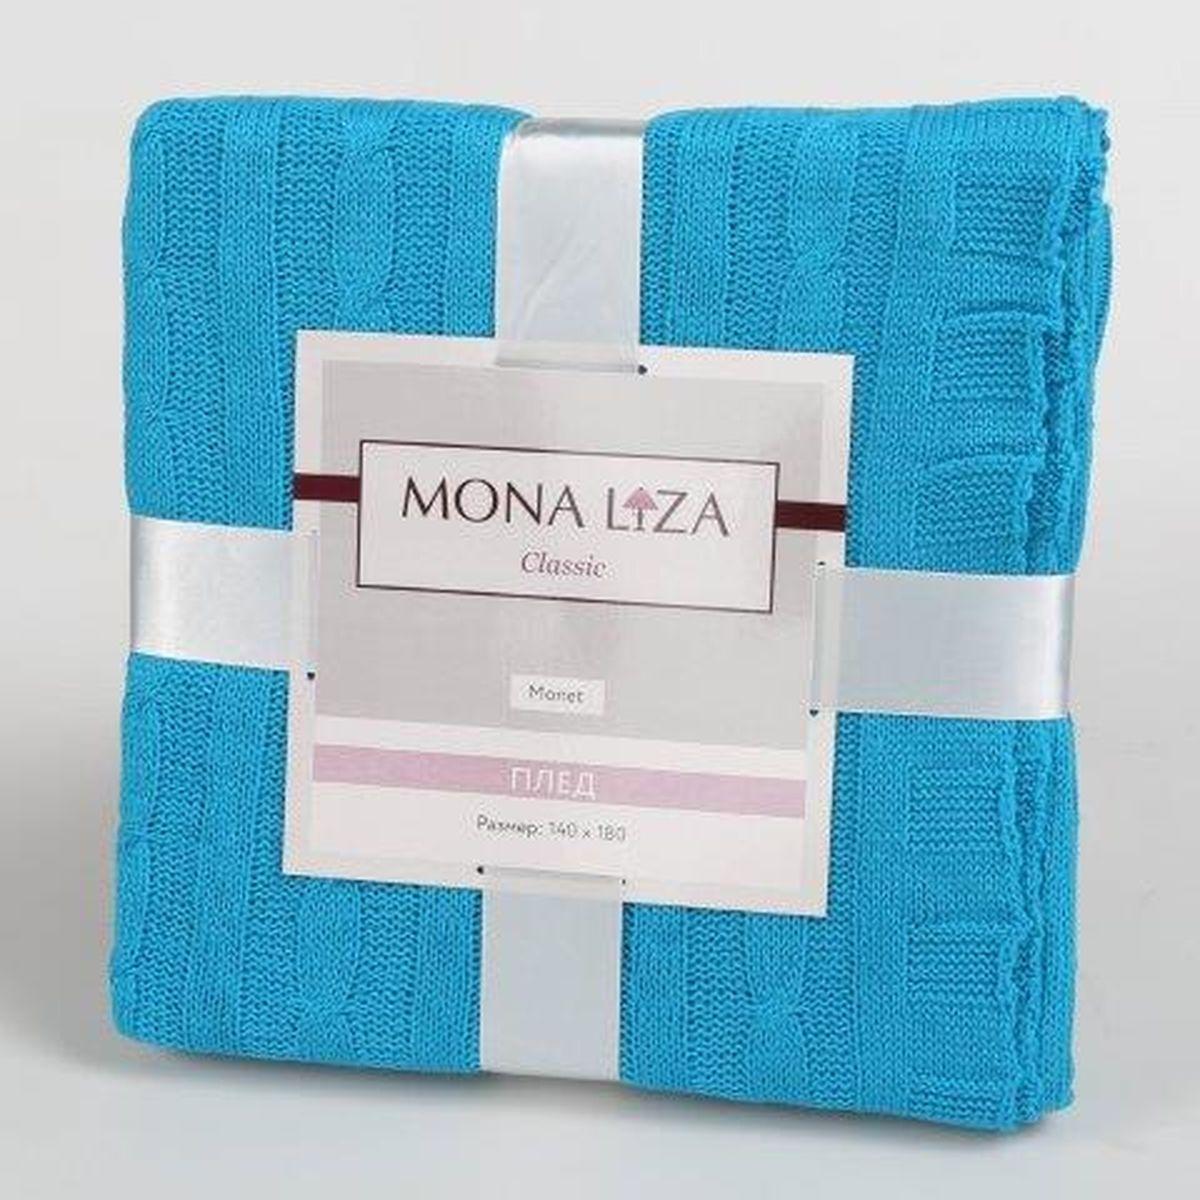 Плед Mona Liza Classic Monet, цвет: синий, 140 см х 180 см520403/6Оригинальный вязаный плед Mona Liza Classic Monet послужит теплым, мягким и практичным подарком близким людям. Плед изготовлен из высококачественного 100% акрила. Яркий и приятный на ощупь плед Mona Liza Classic Monet станет отличным дополнением в вашем интерьере.